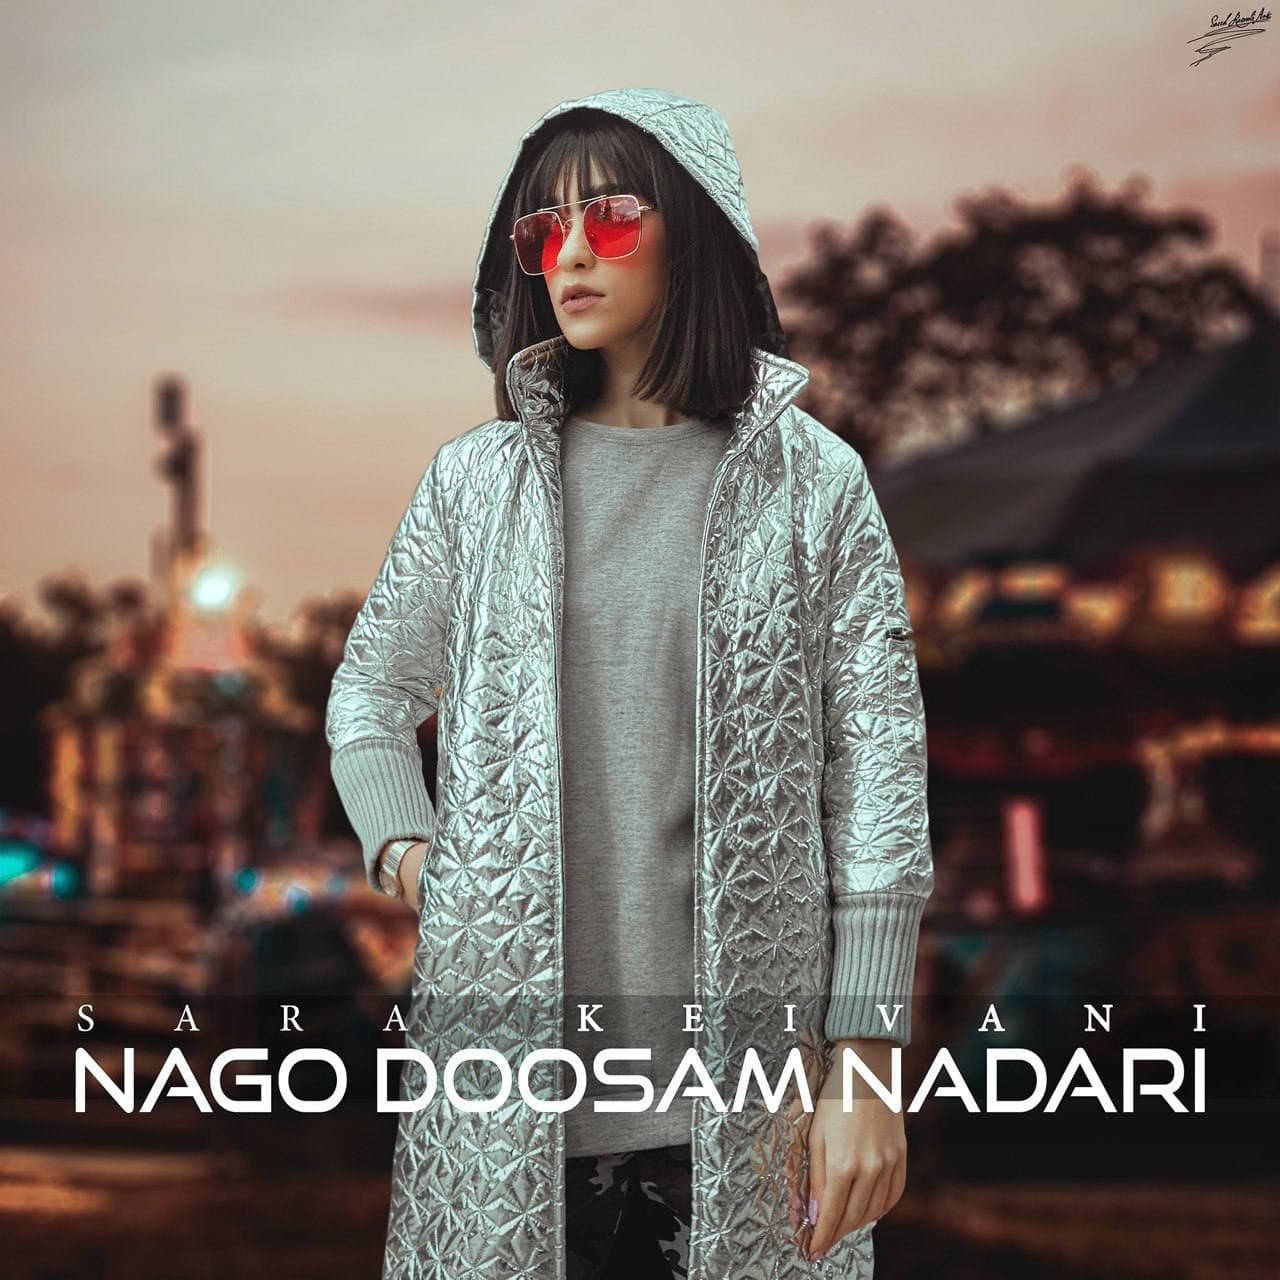 Sara Keivani – Nago Dosam Nadari